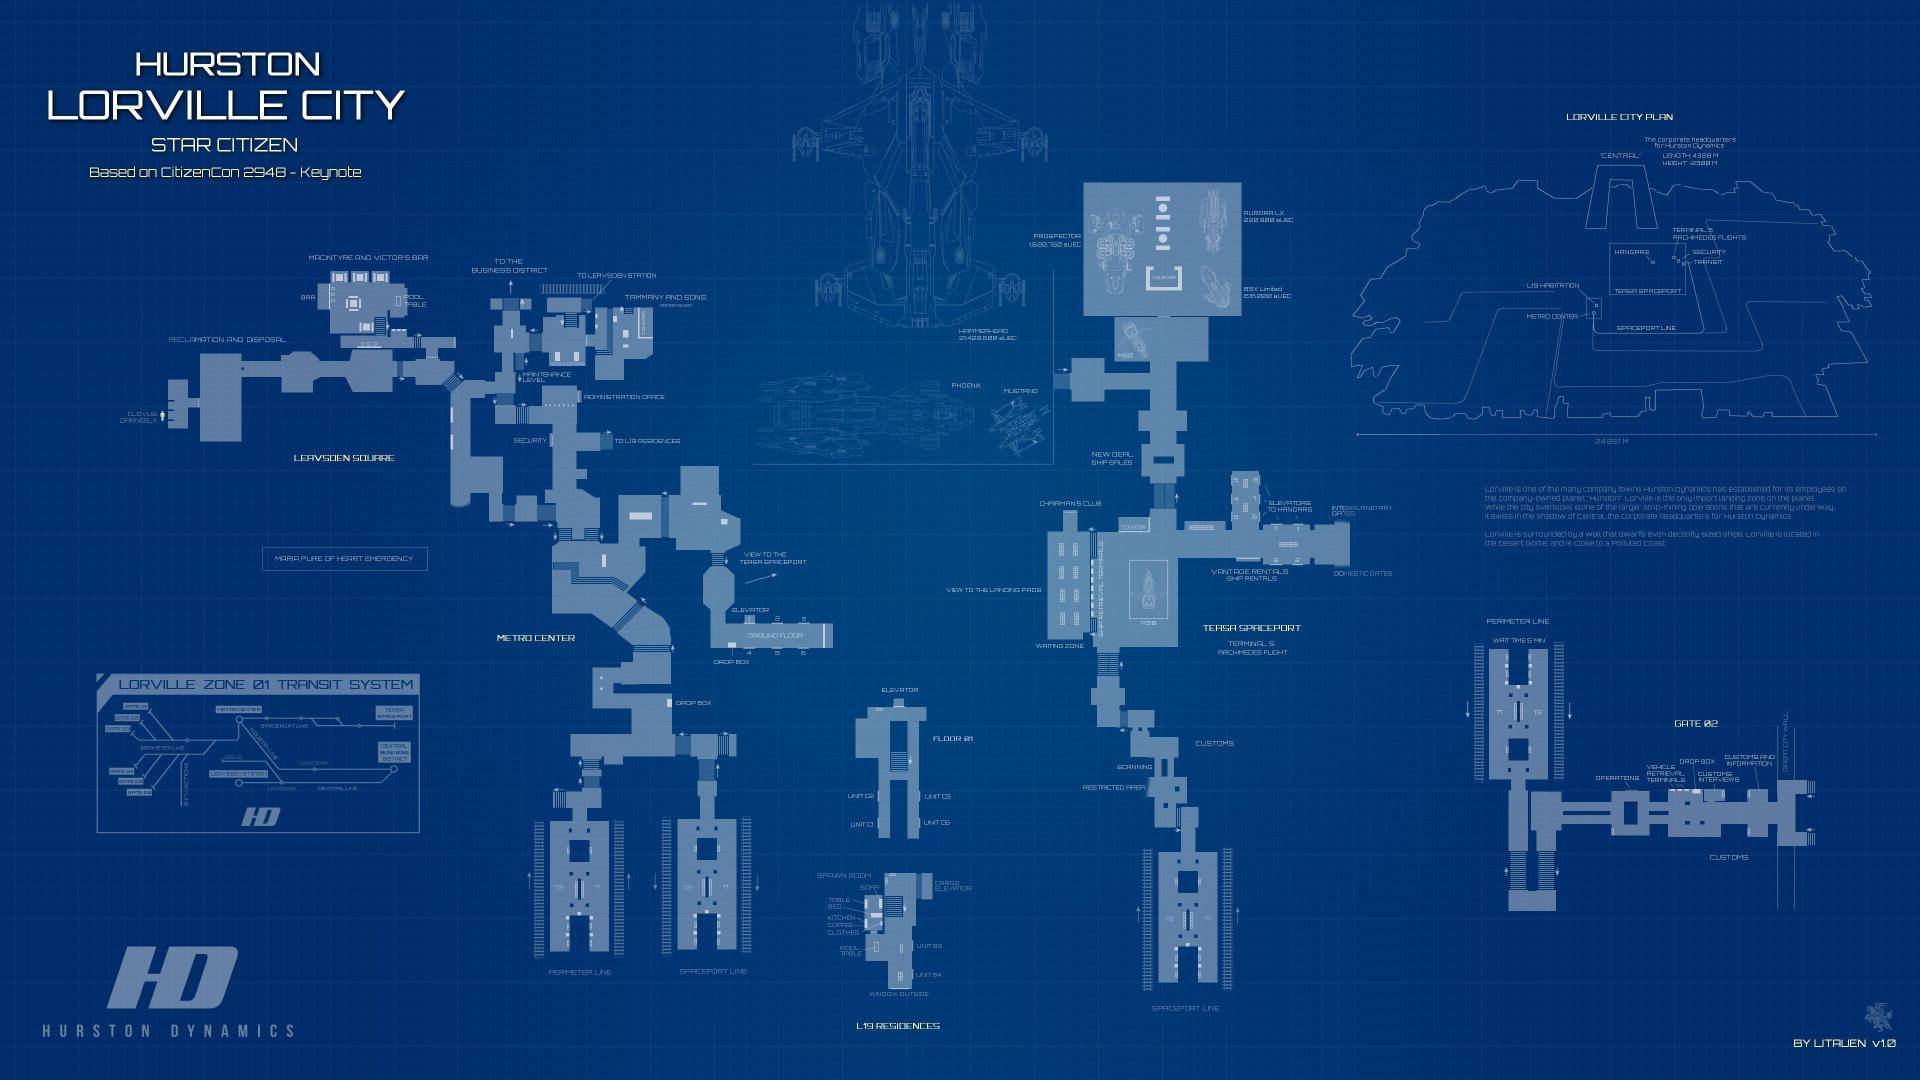 Lorville_Map.thumb.jpg.0ef33816917be18bf50cd966d530dc6d.jpg